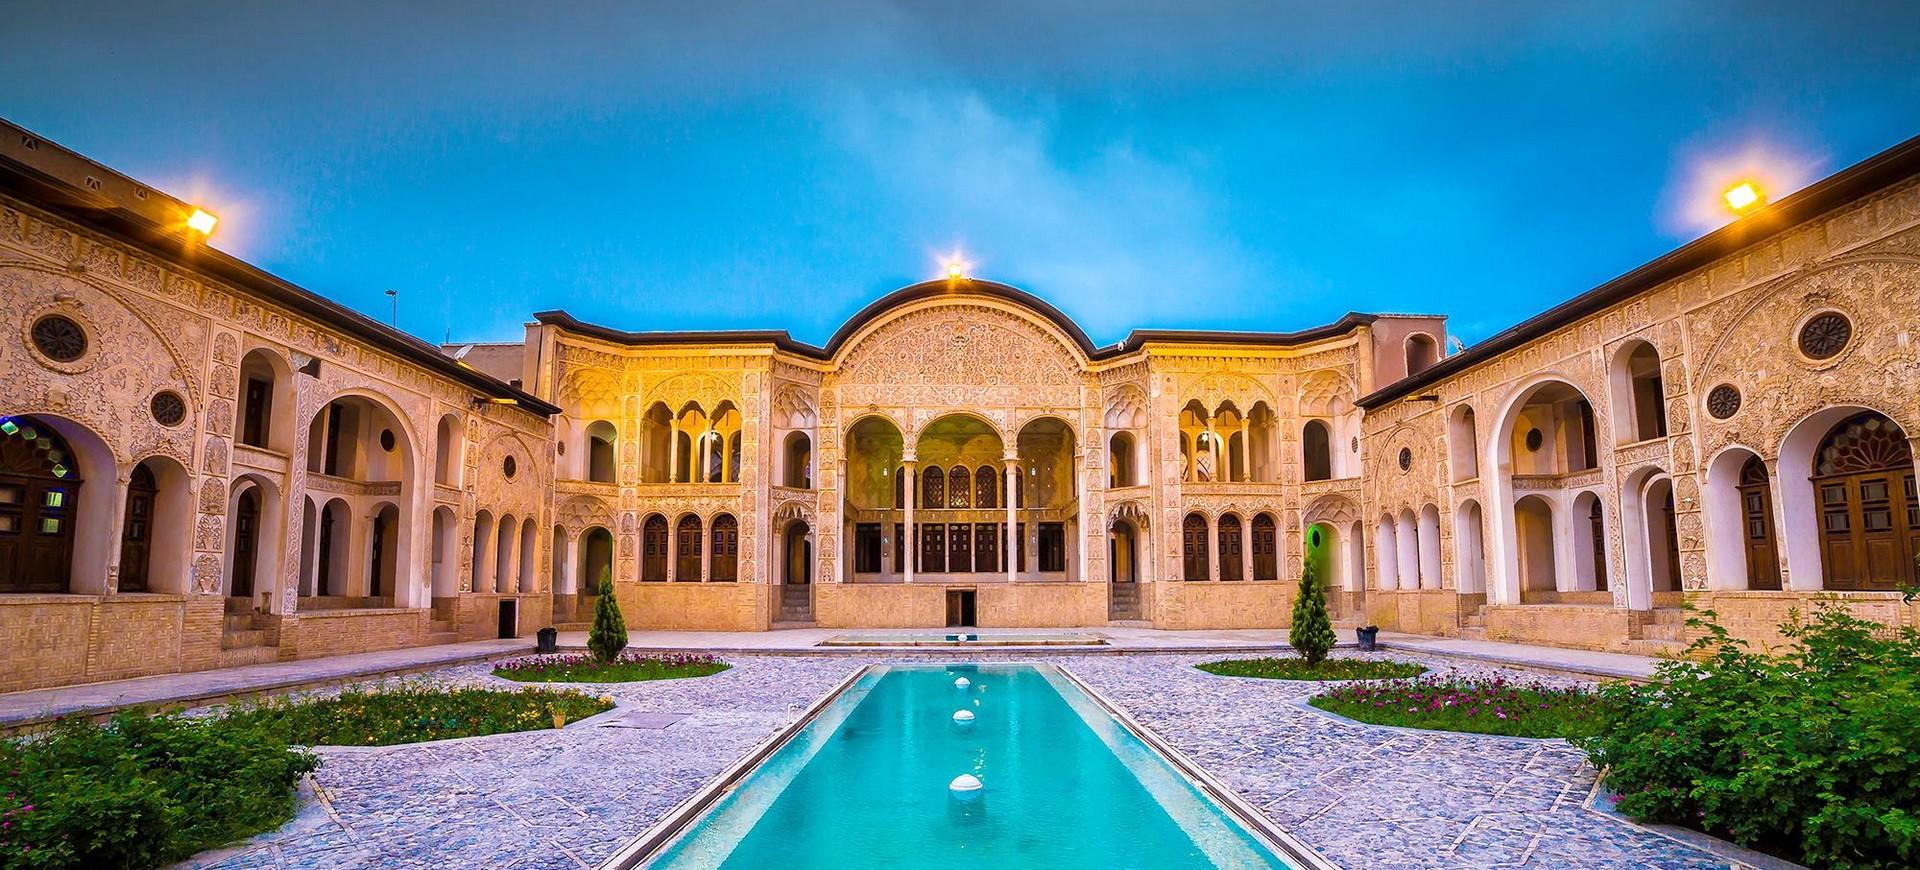 Tabatabaei House à Kashan